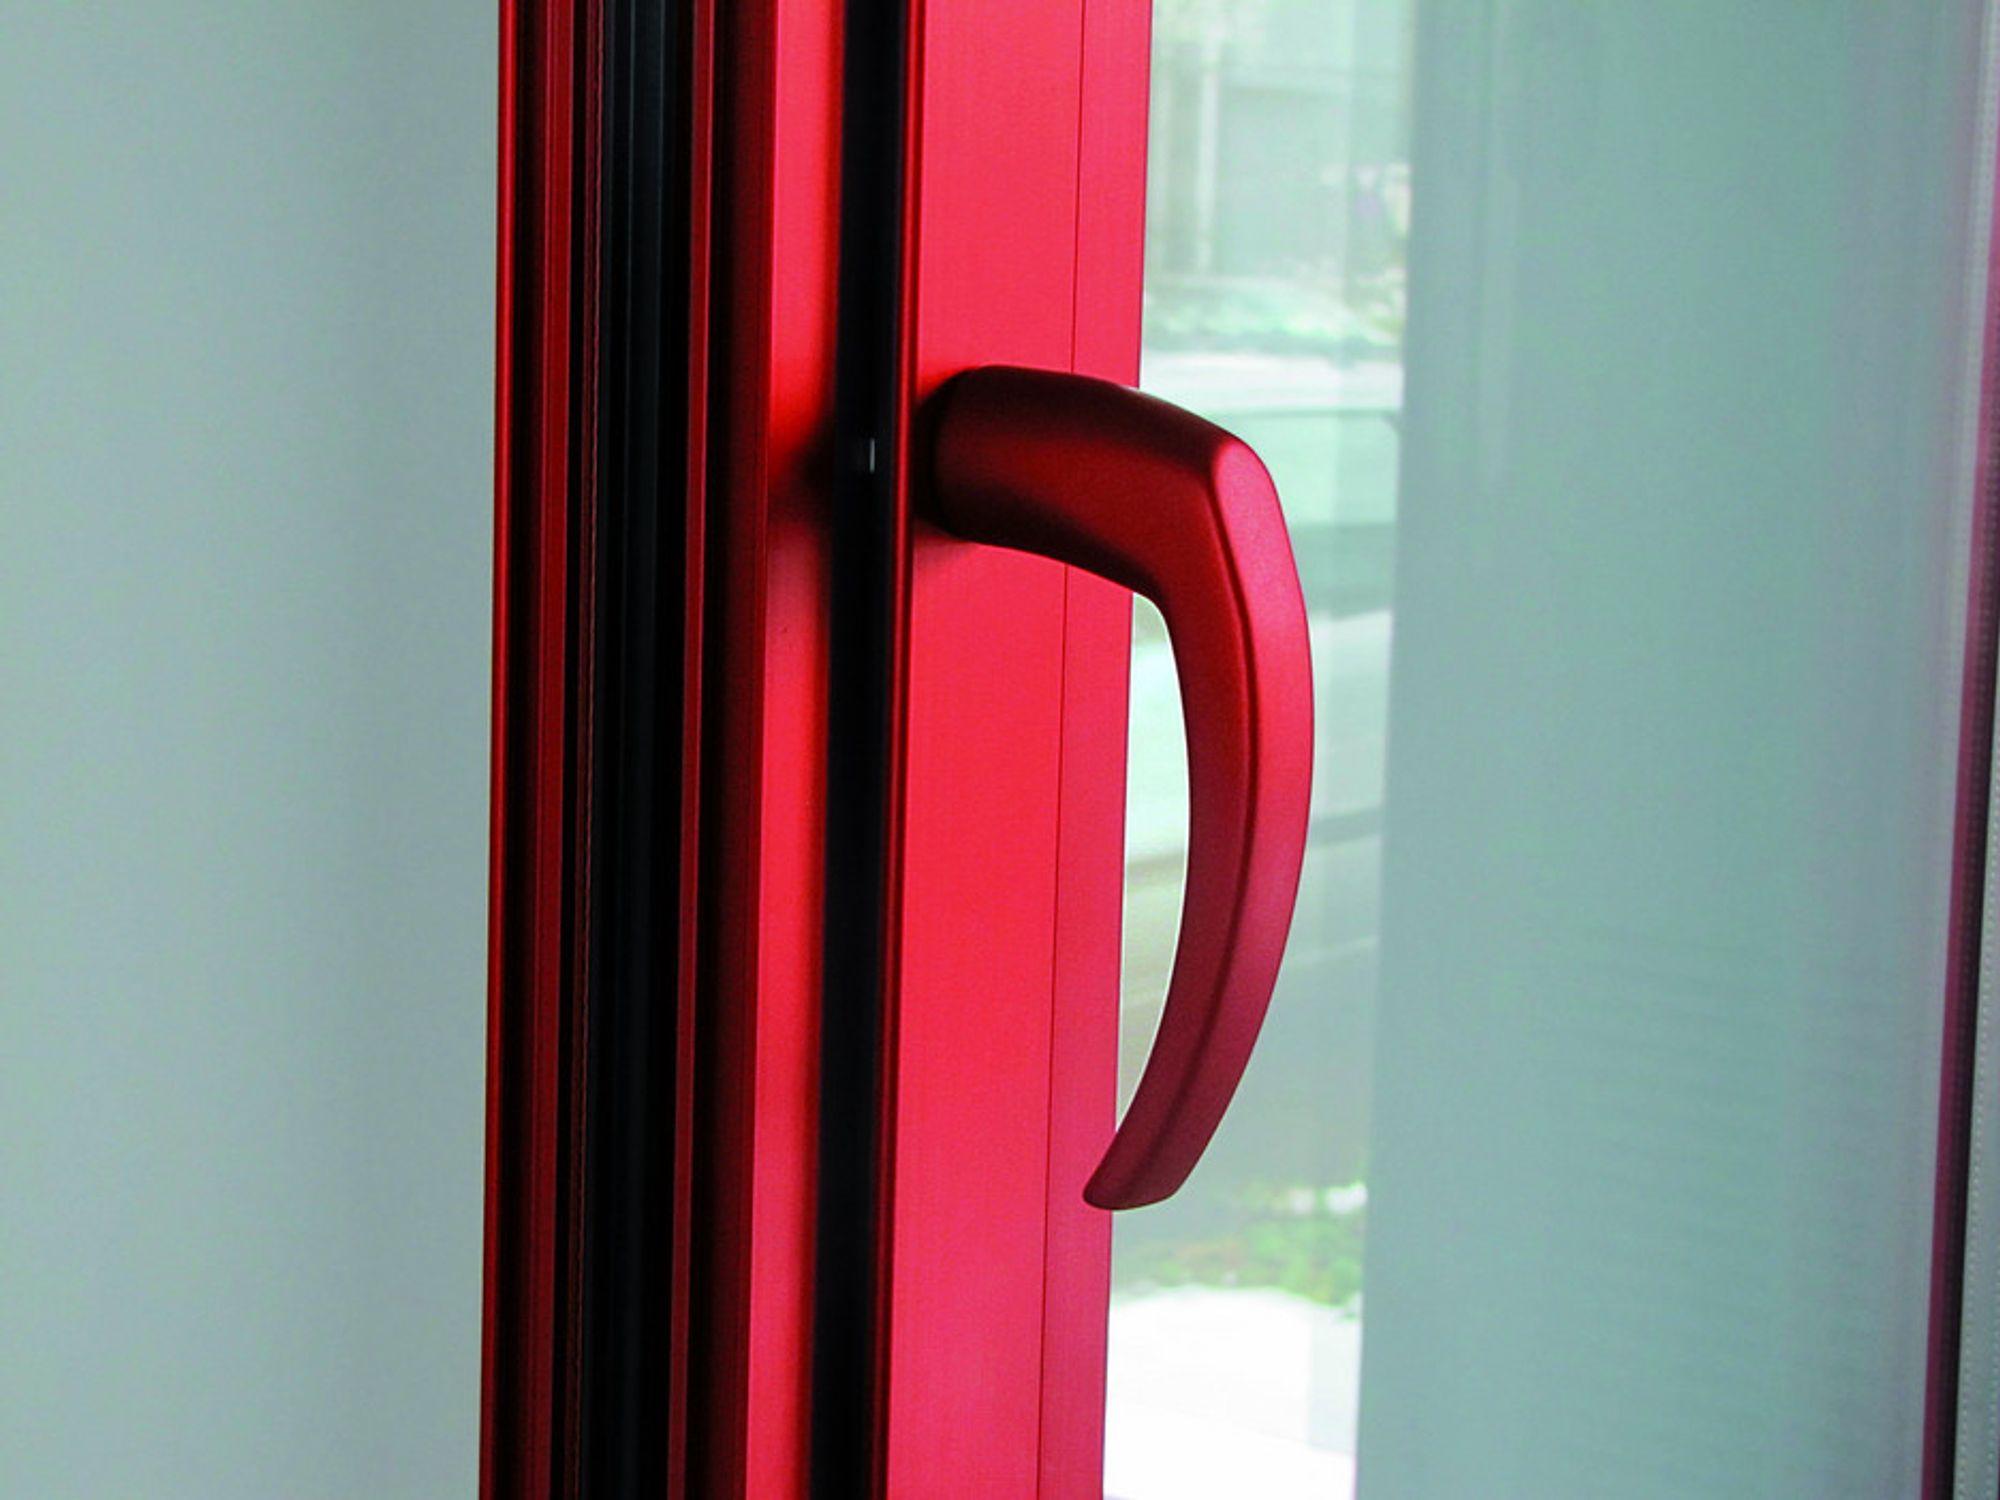 PASSIVT: Hydro har gjort passivhusvinduer til hyllevare med sitt nye vindussystem Wicline evo.